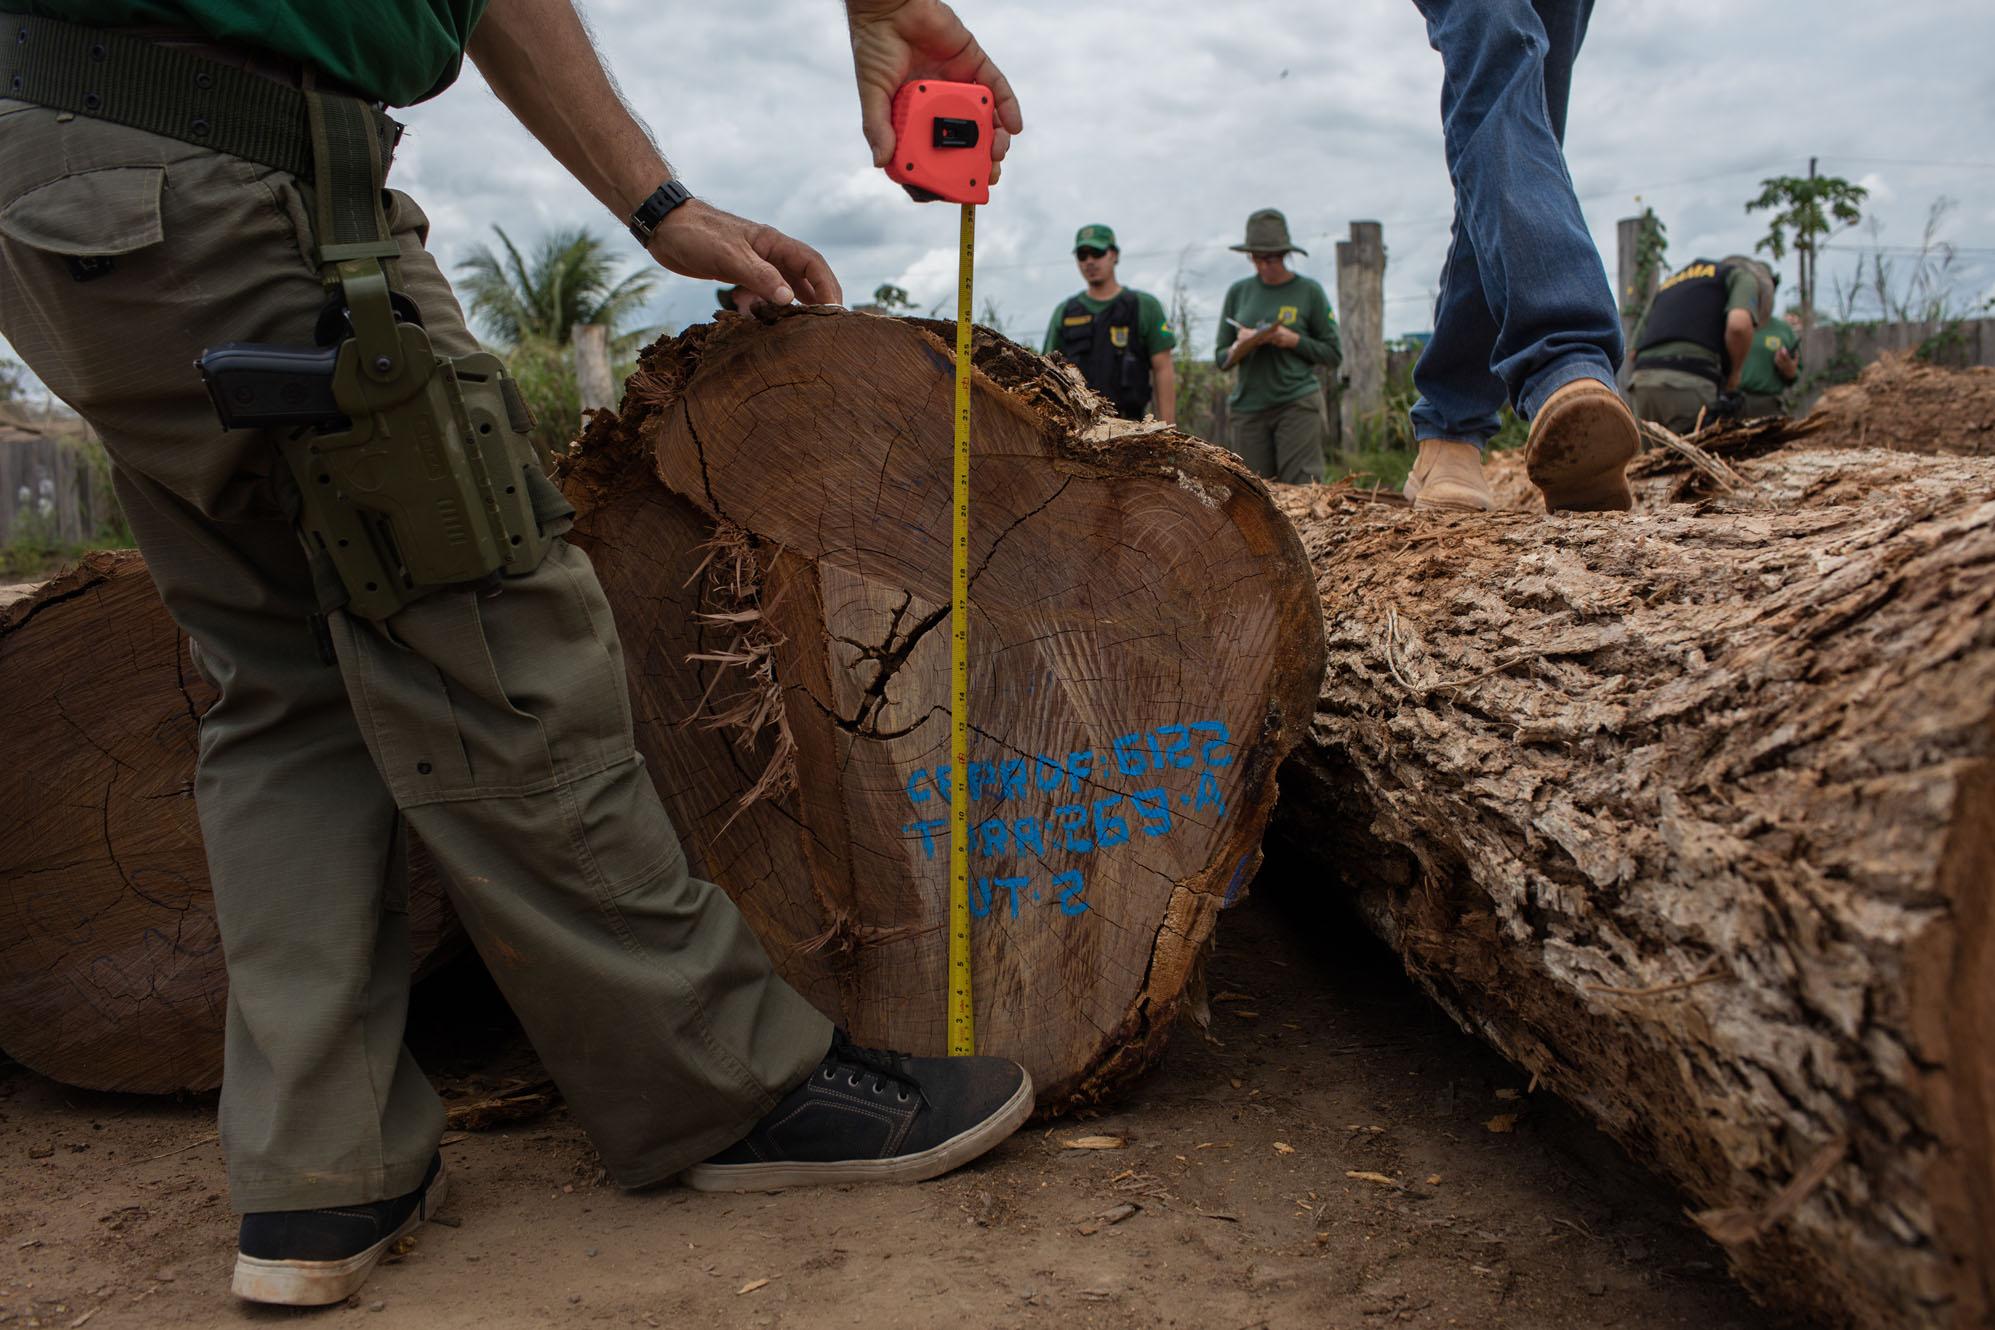 Sustentabilidade da agricultura na Amazônia – 11: Manejo florestal como alternativa para áreas florestais